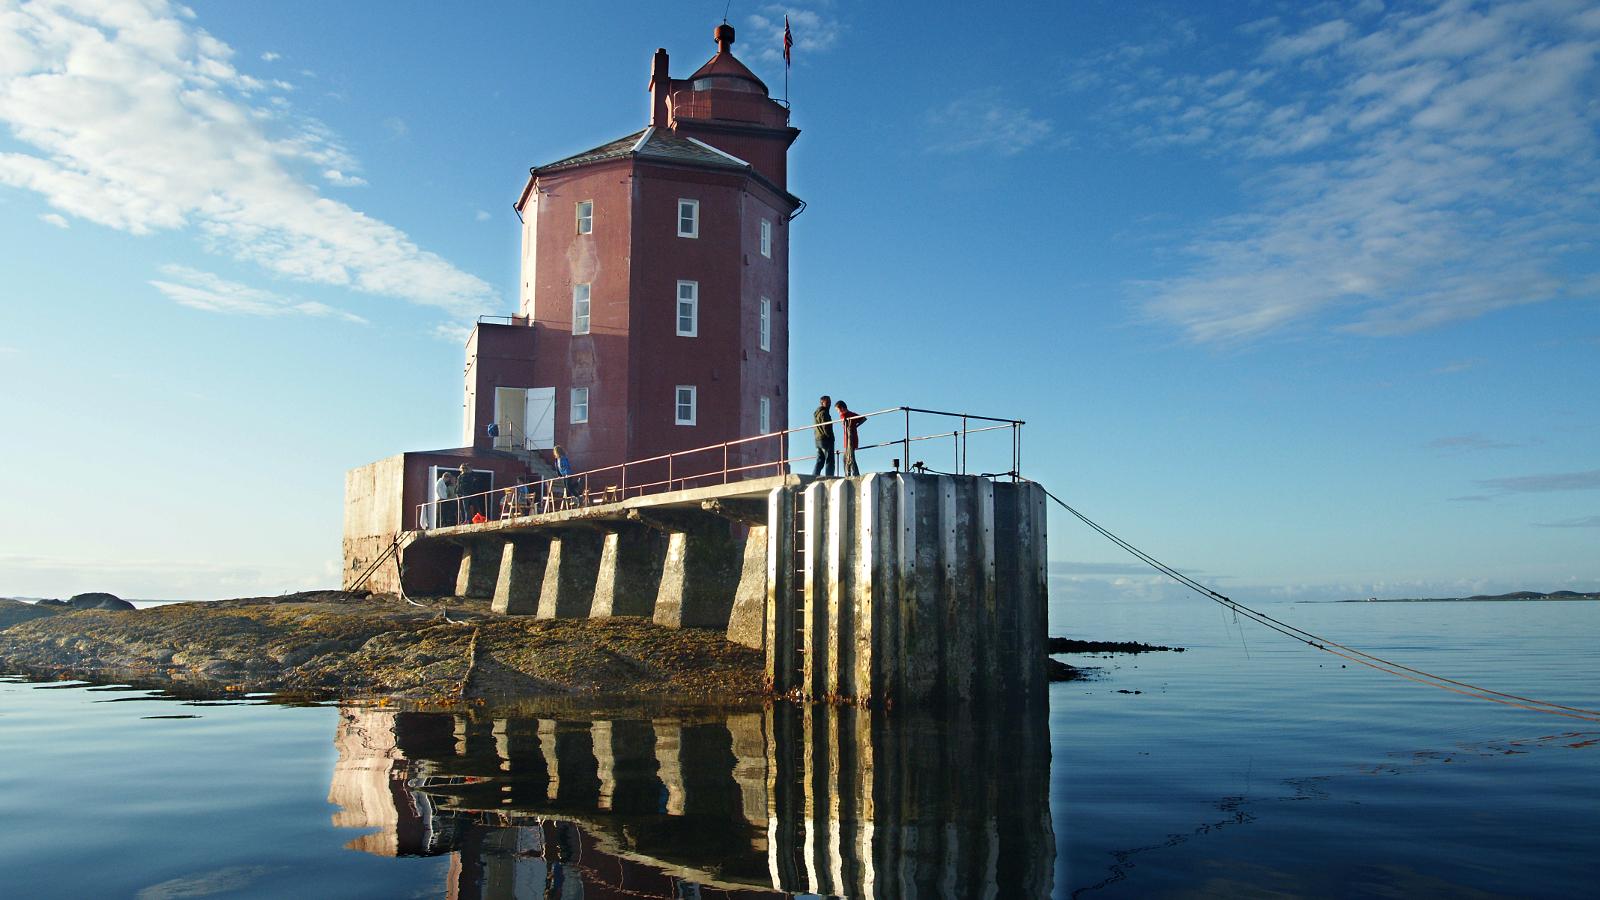 Kjeungskjær fyr, Ørland på kysten av Trøndelag. Foto: Robert Selfors /trondelag.com